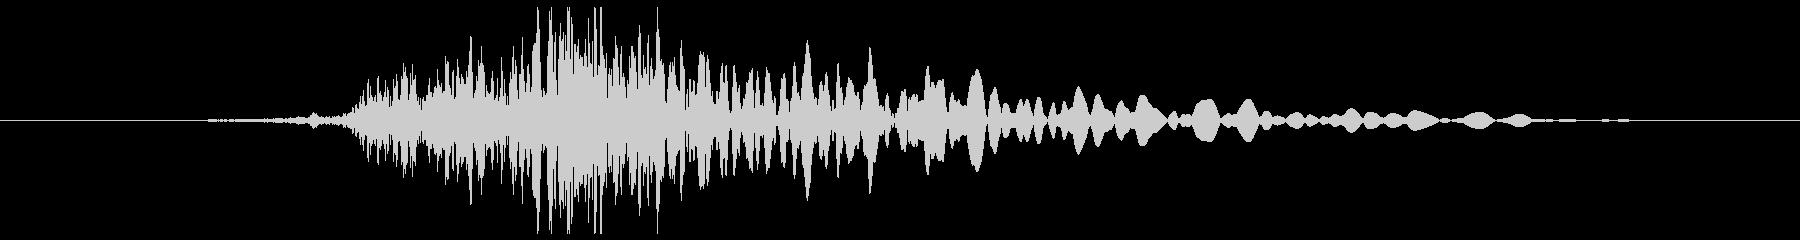 ロッカーの開け閉め音(ガタン)の未再生の波形